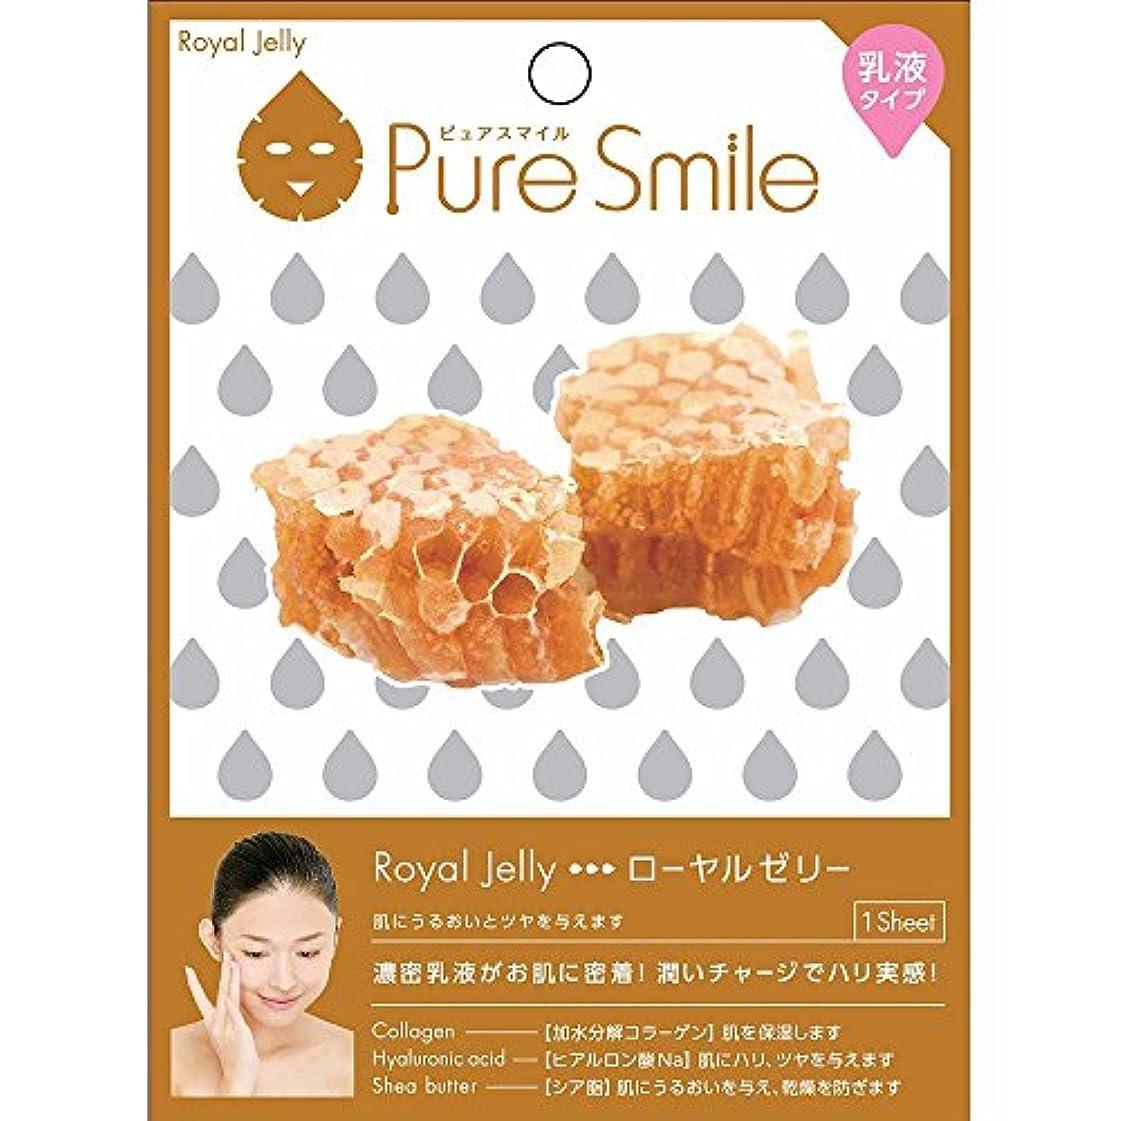 要塞夜創傷Pure Smile(ピュアスマイル) 乳液エッセンスマスク 1 枚 ローヤルゼリー